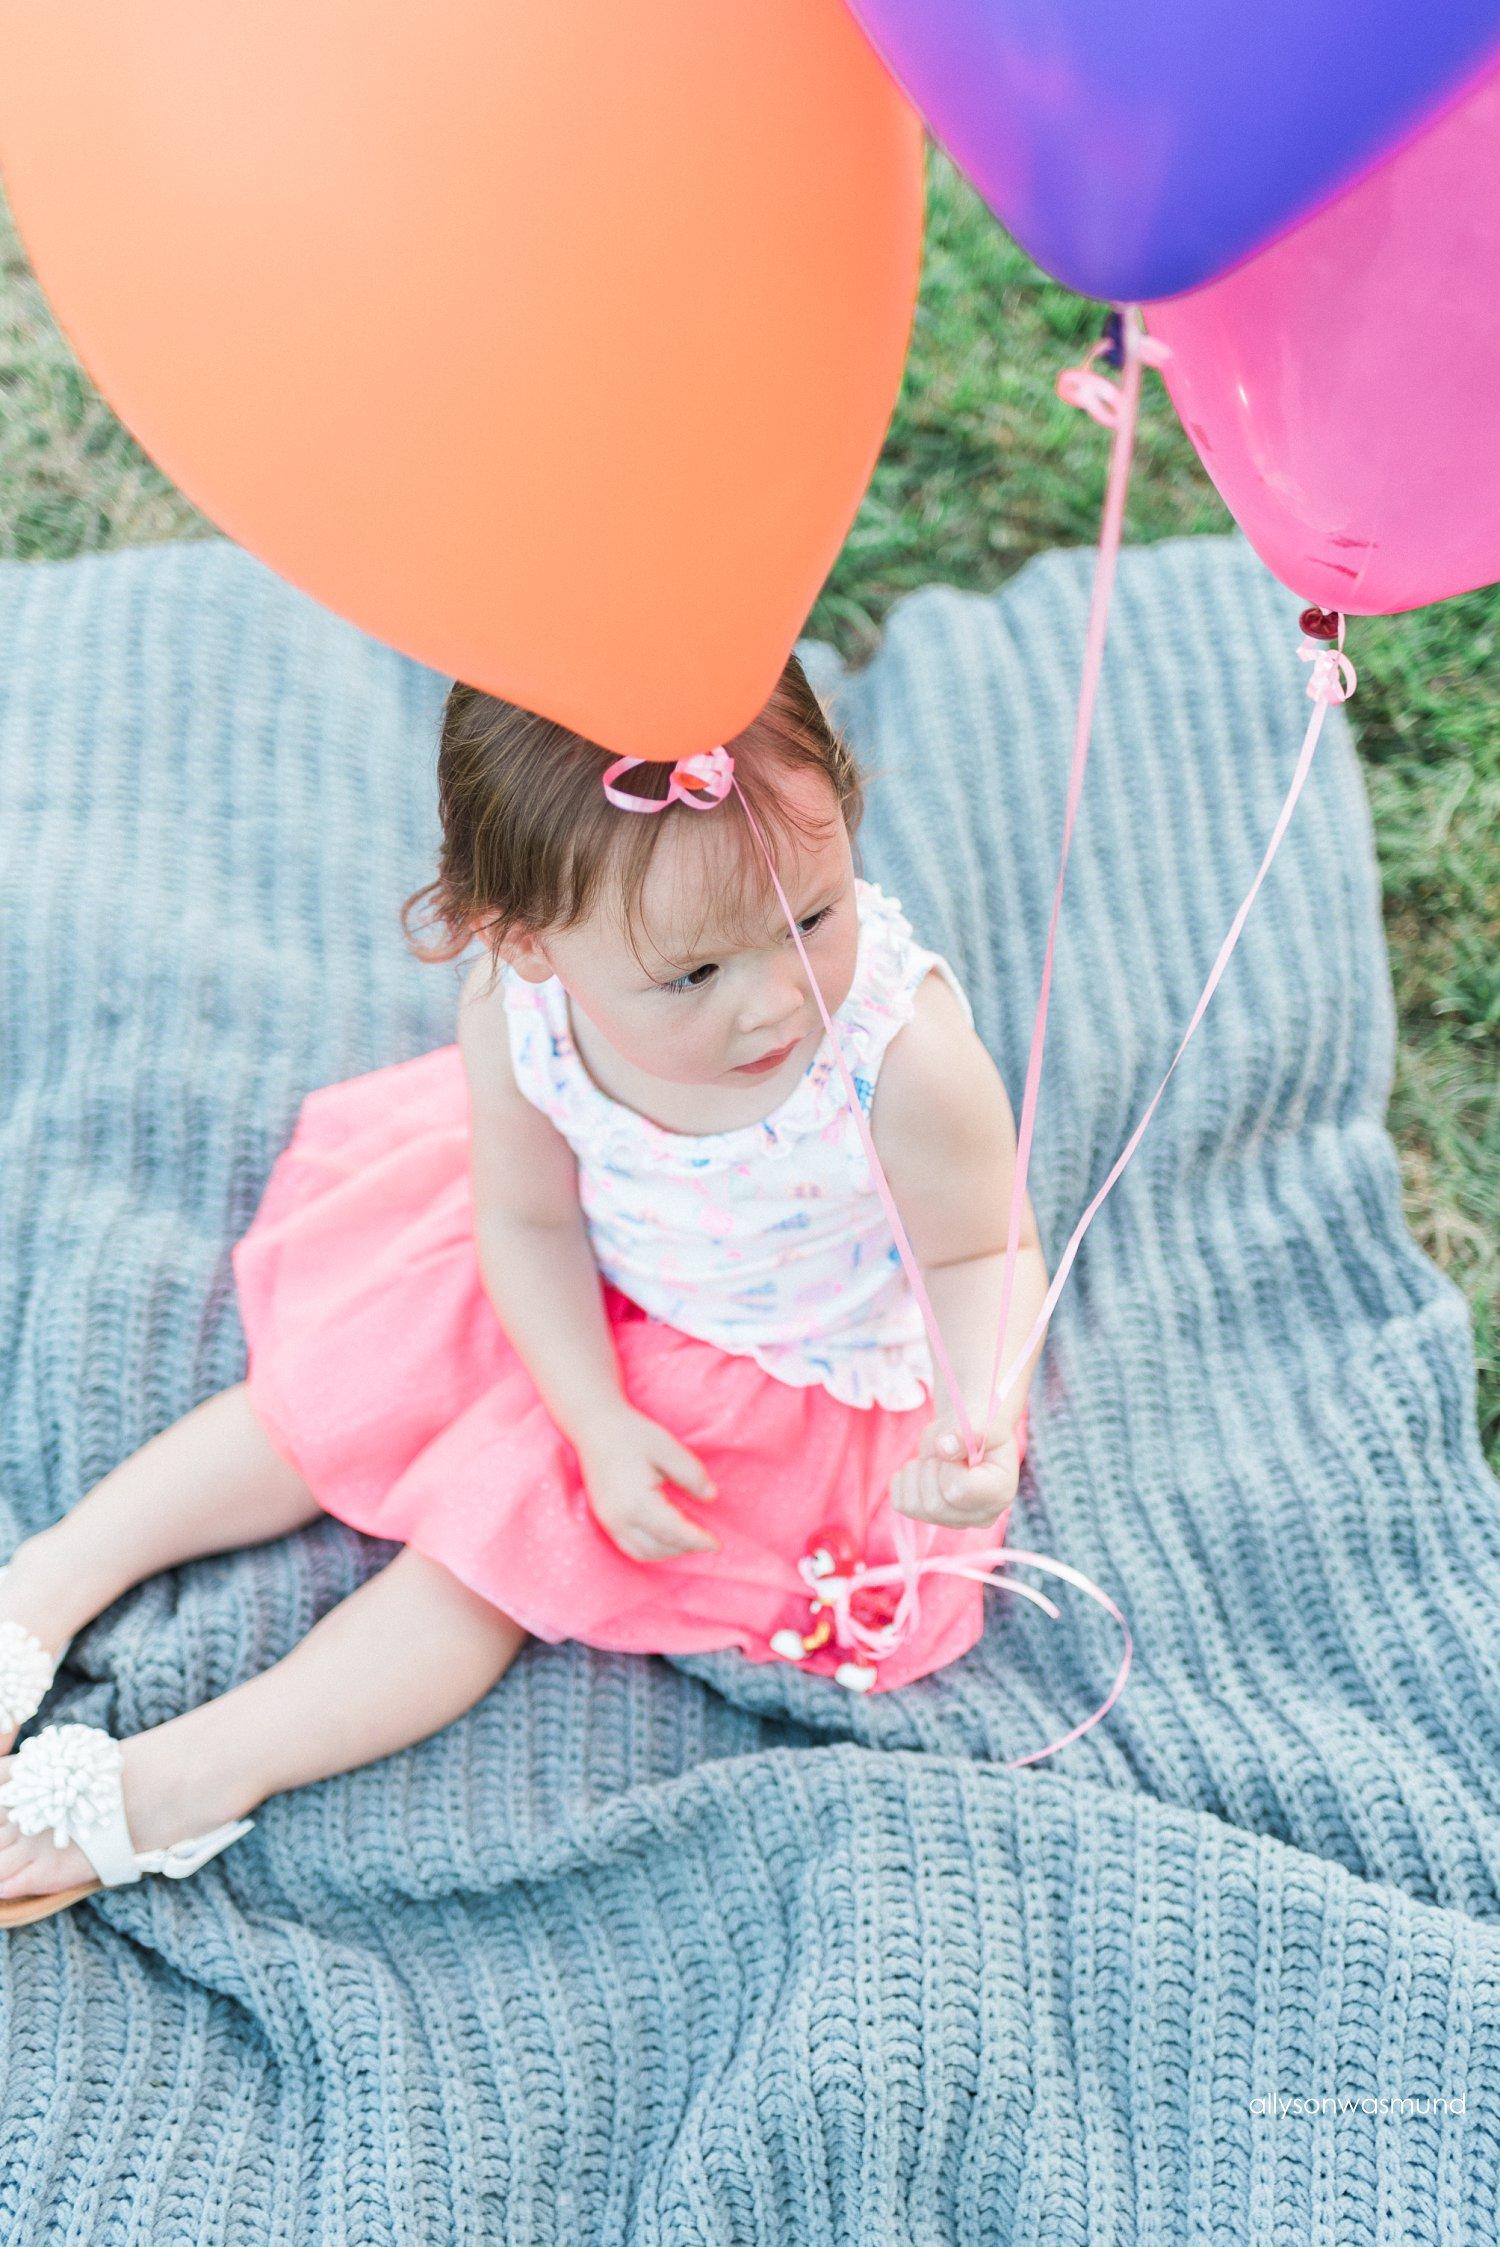 shakopee-mn-child-baby-milestone-photographer_0008.jpg